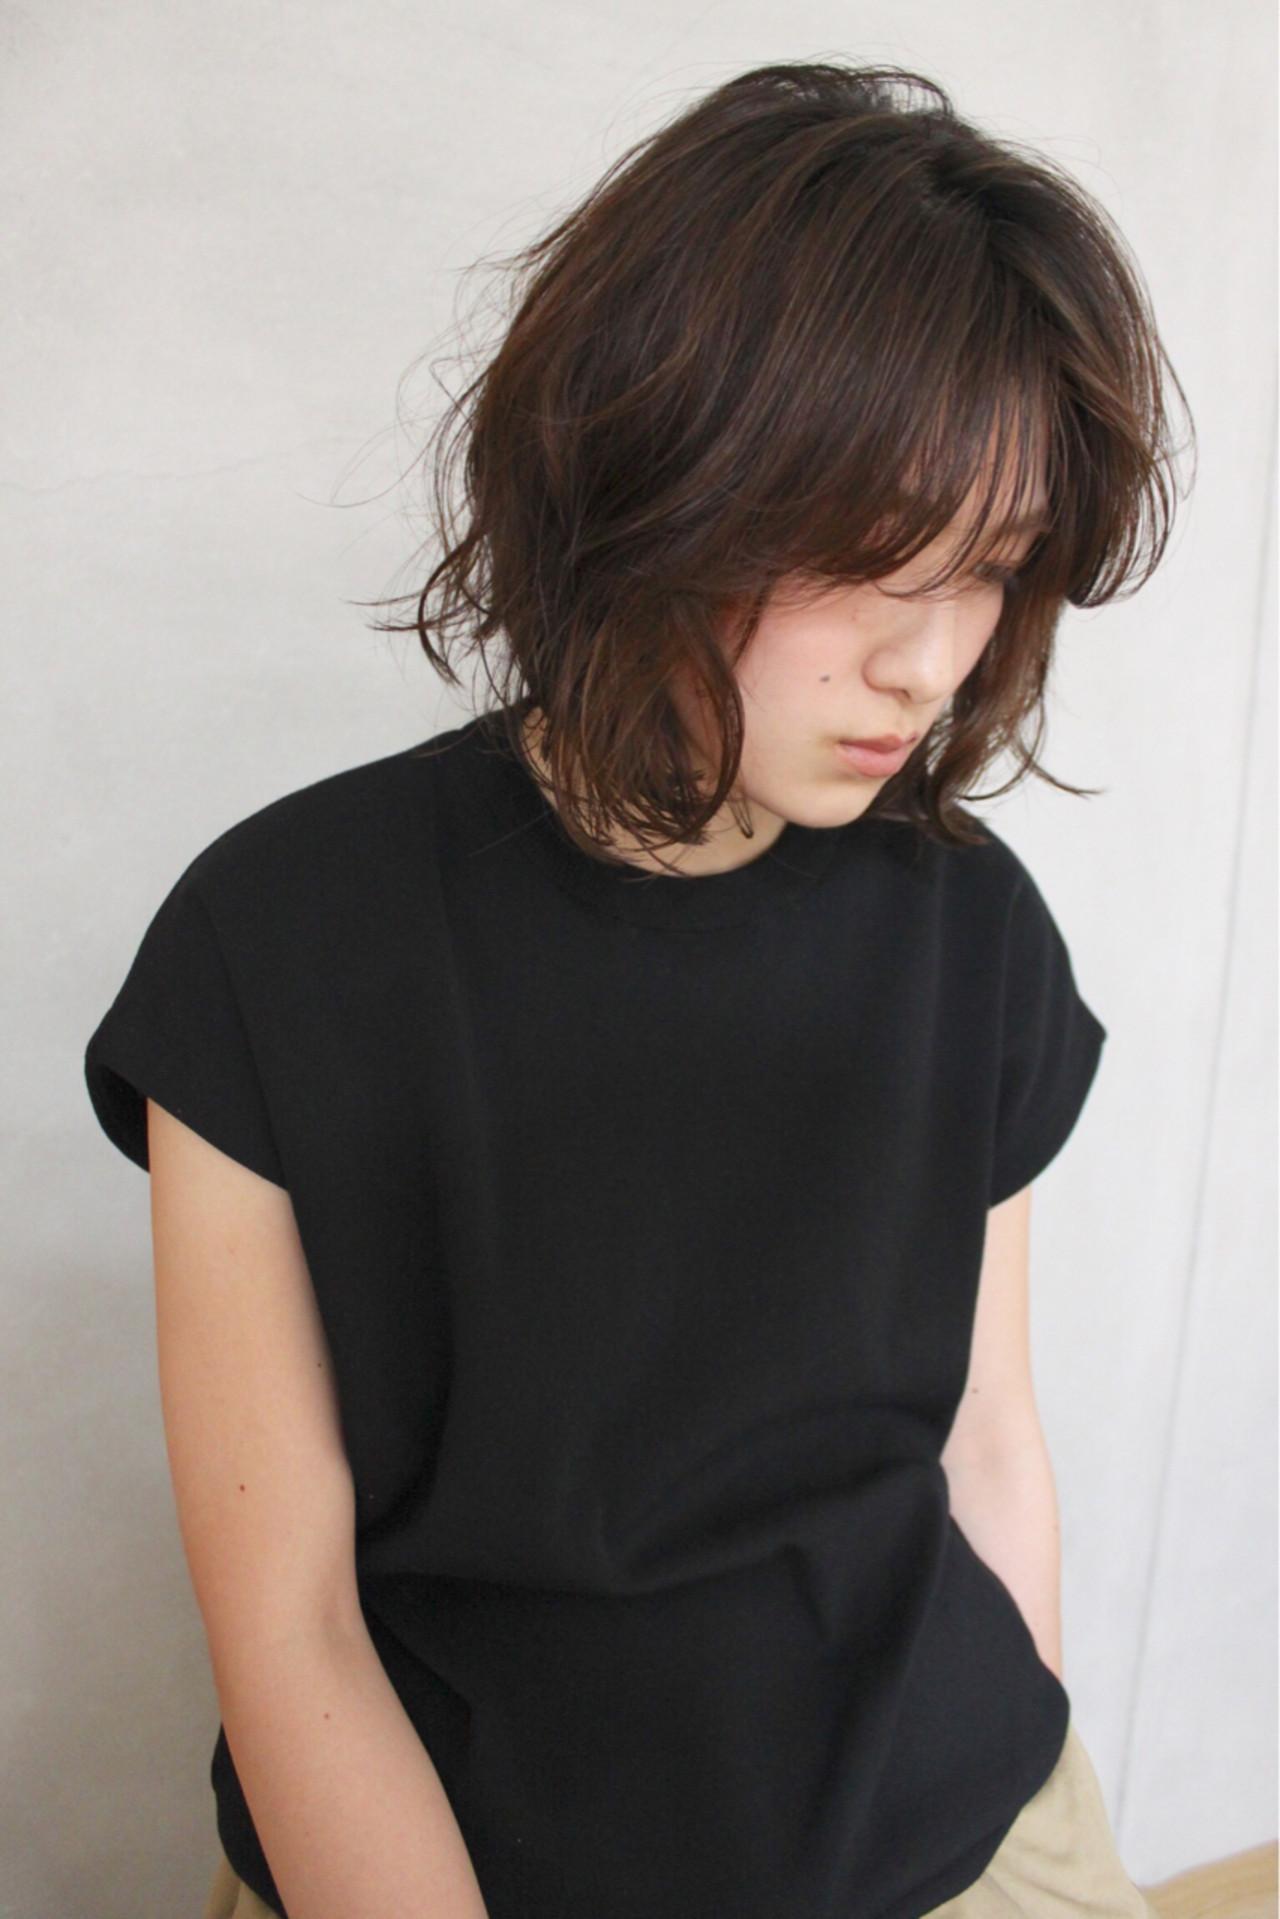 ナチュラル 無造作 大人かわいい ボブ ヘアスタイルや髪型の写真・画像 | okubo shigeru / Salt hair